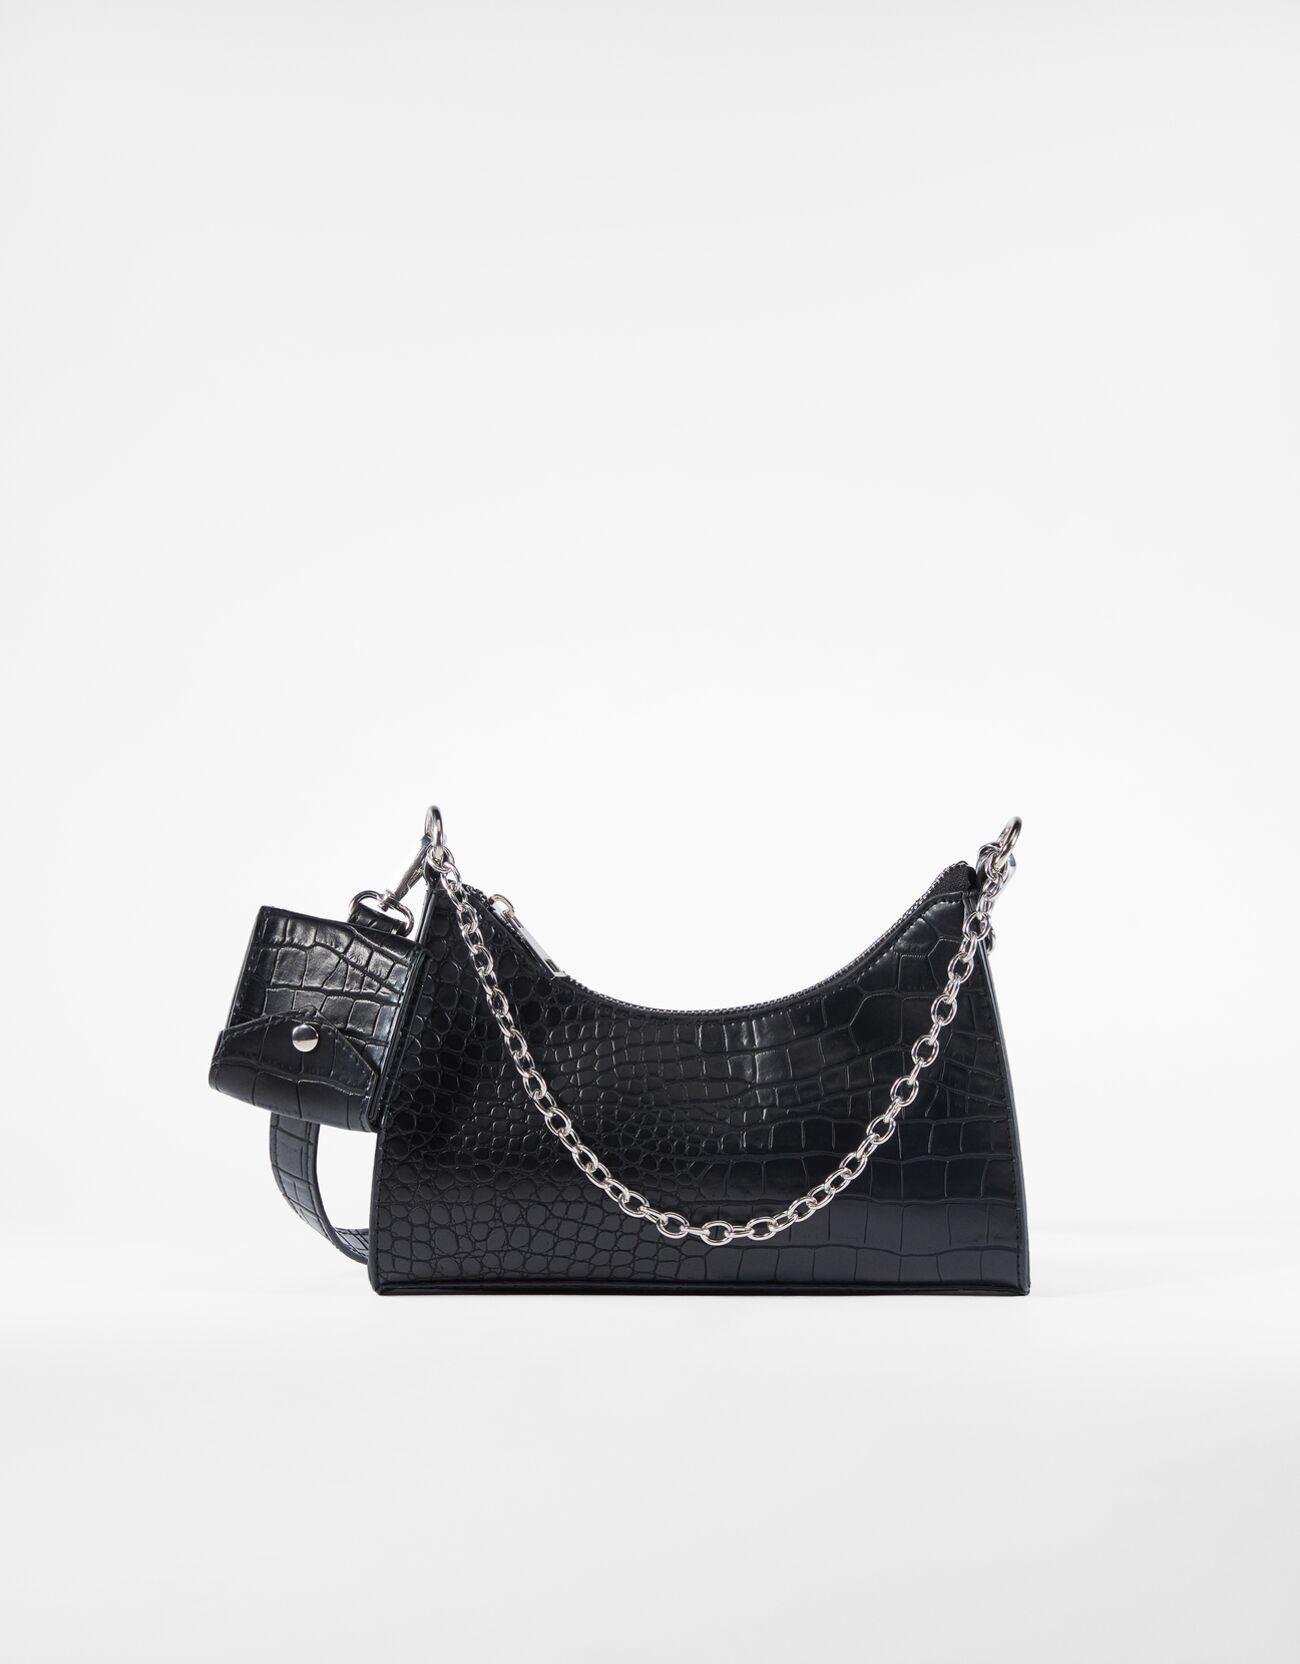 bershka -  Tasche Mit Krokoprägung Und Außentasche Damen Schwarz